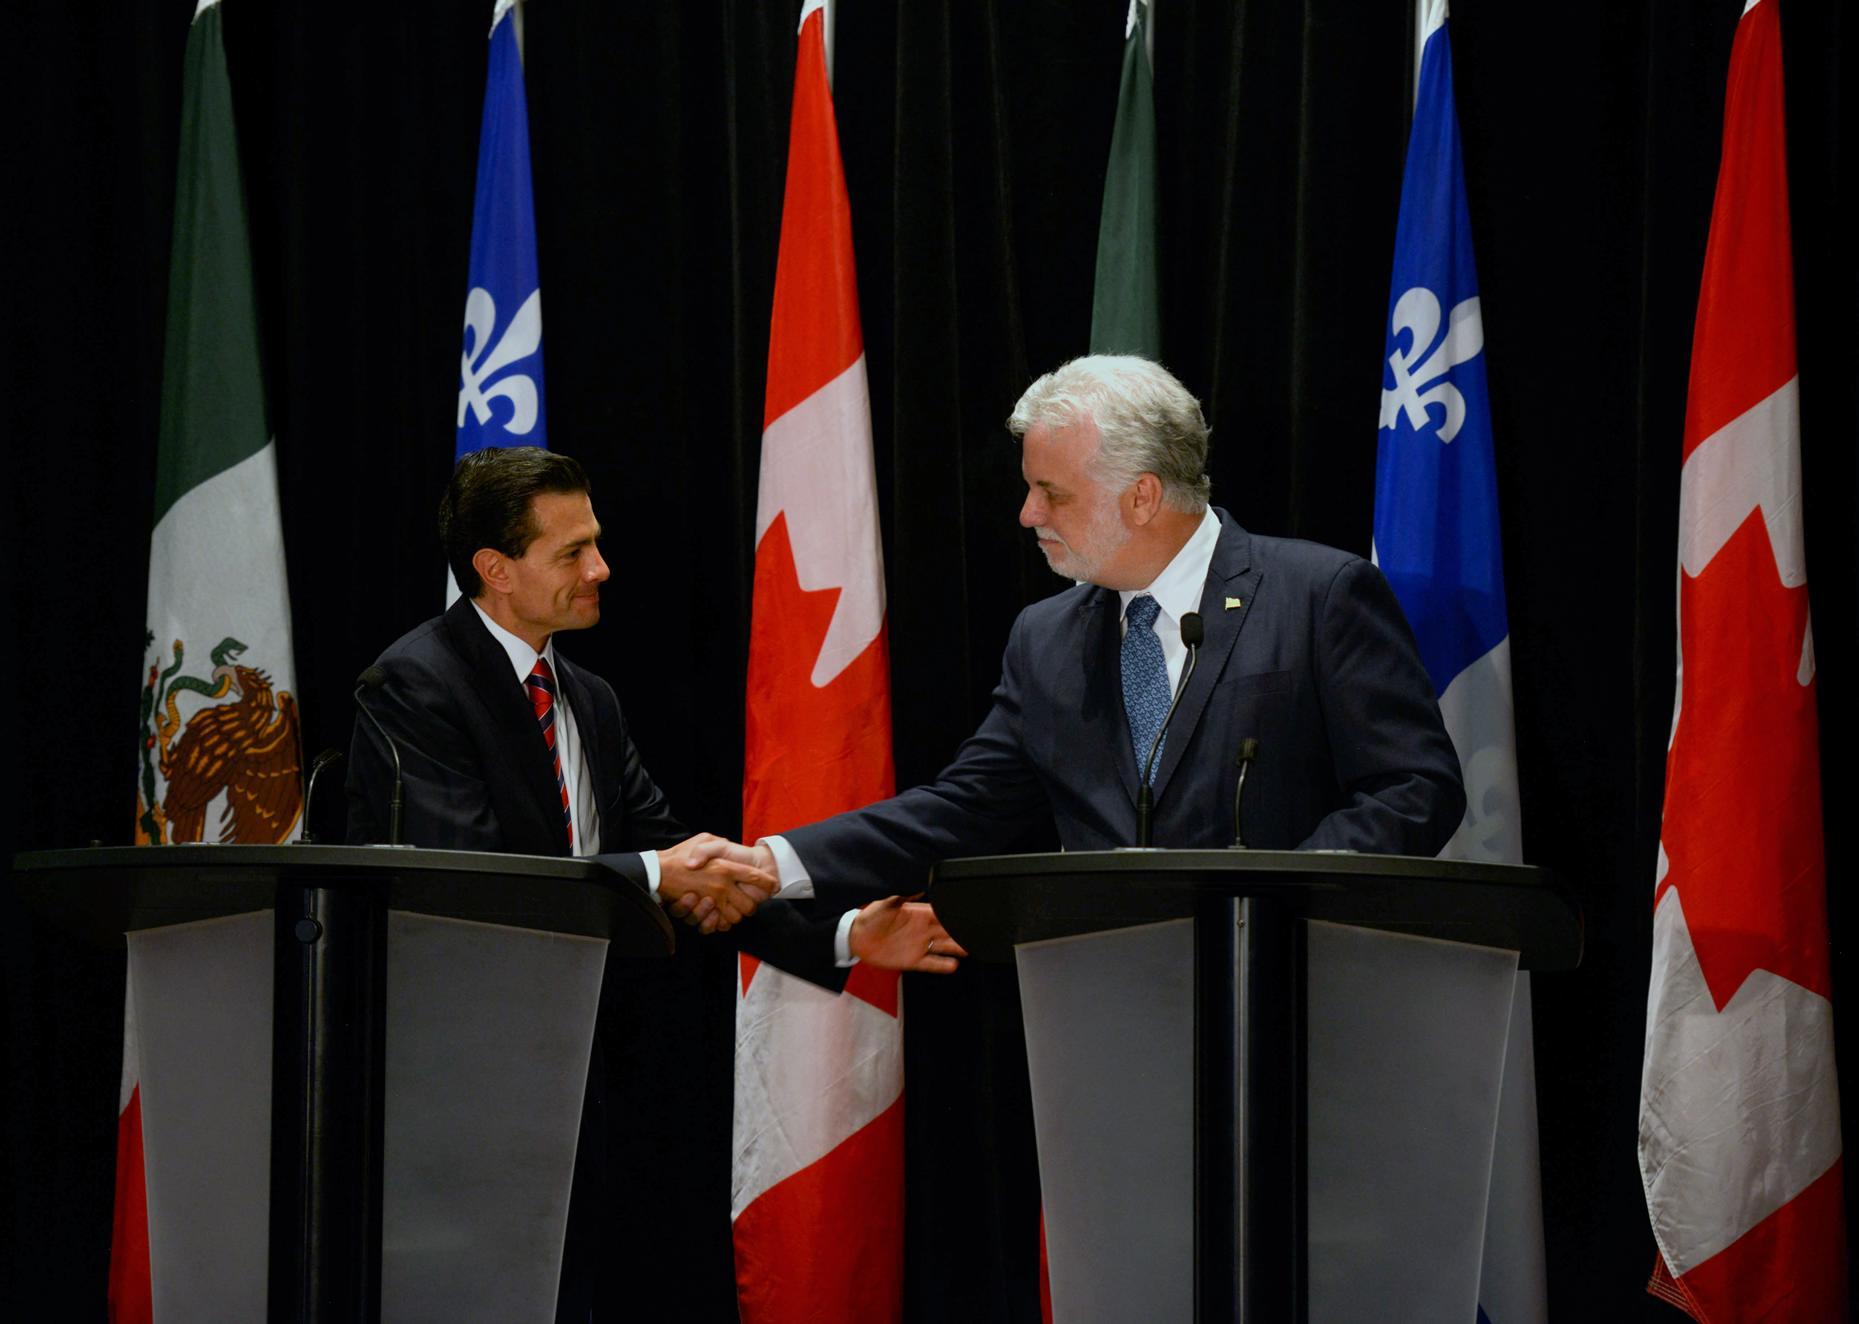 Se firmaron cinco acuerdos de cooperación en temas prioritarios como incrementar los intercambios de estudiantes universitarios y de investigadores a Quebec.